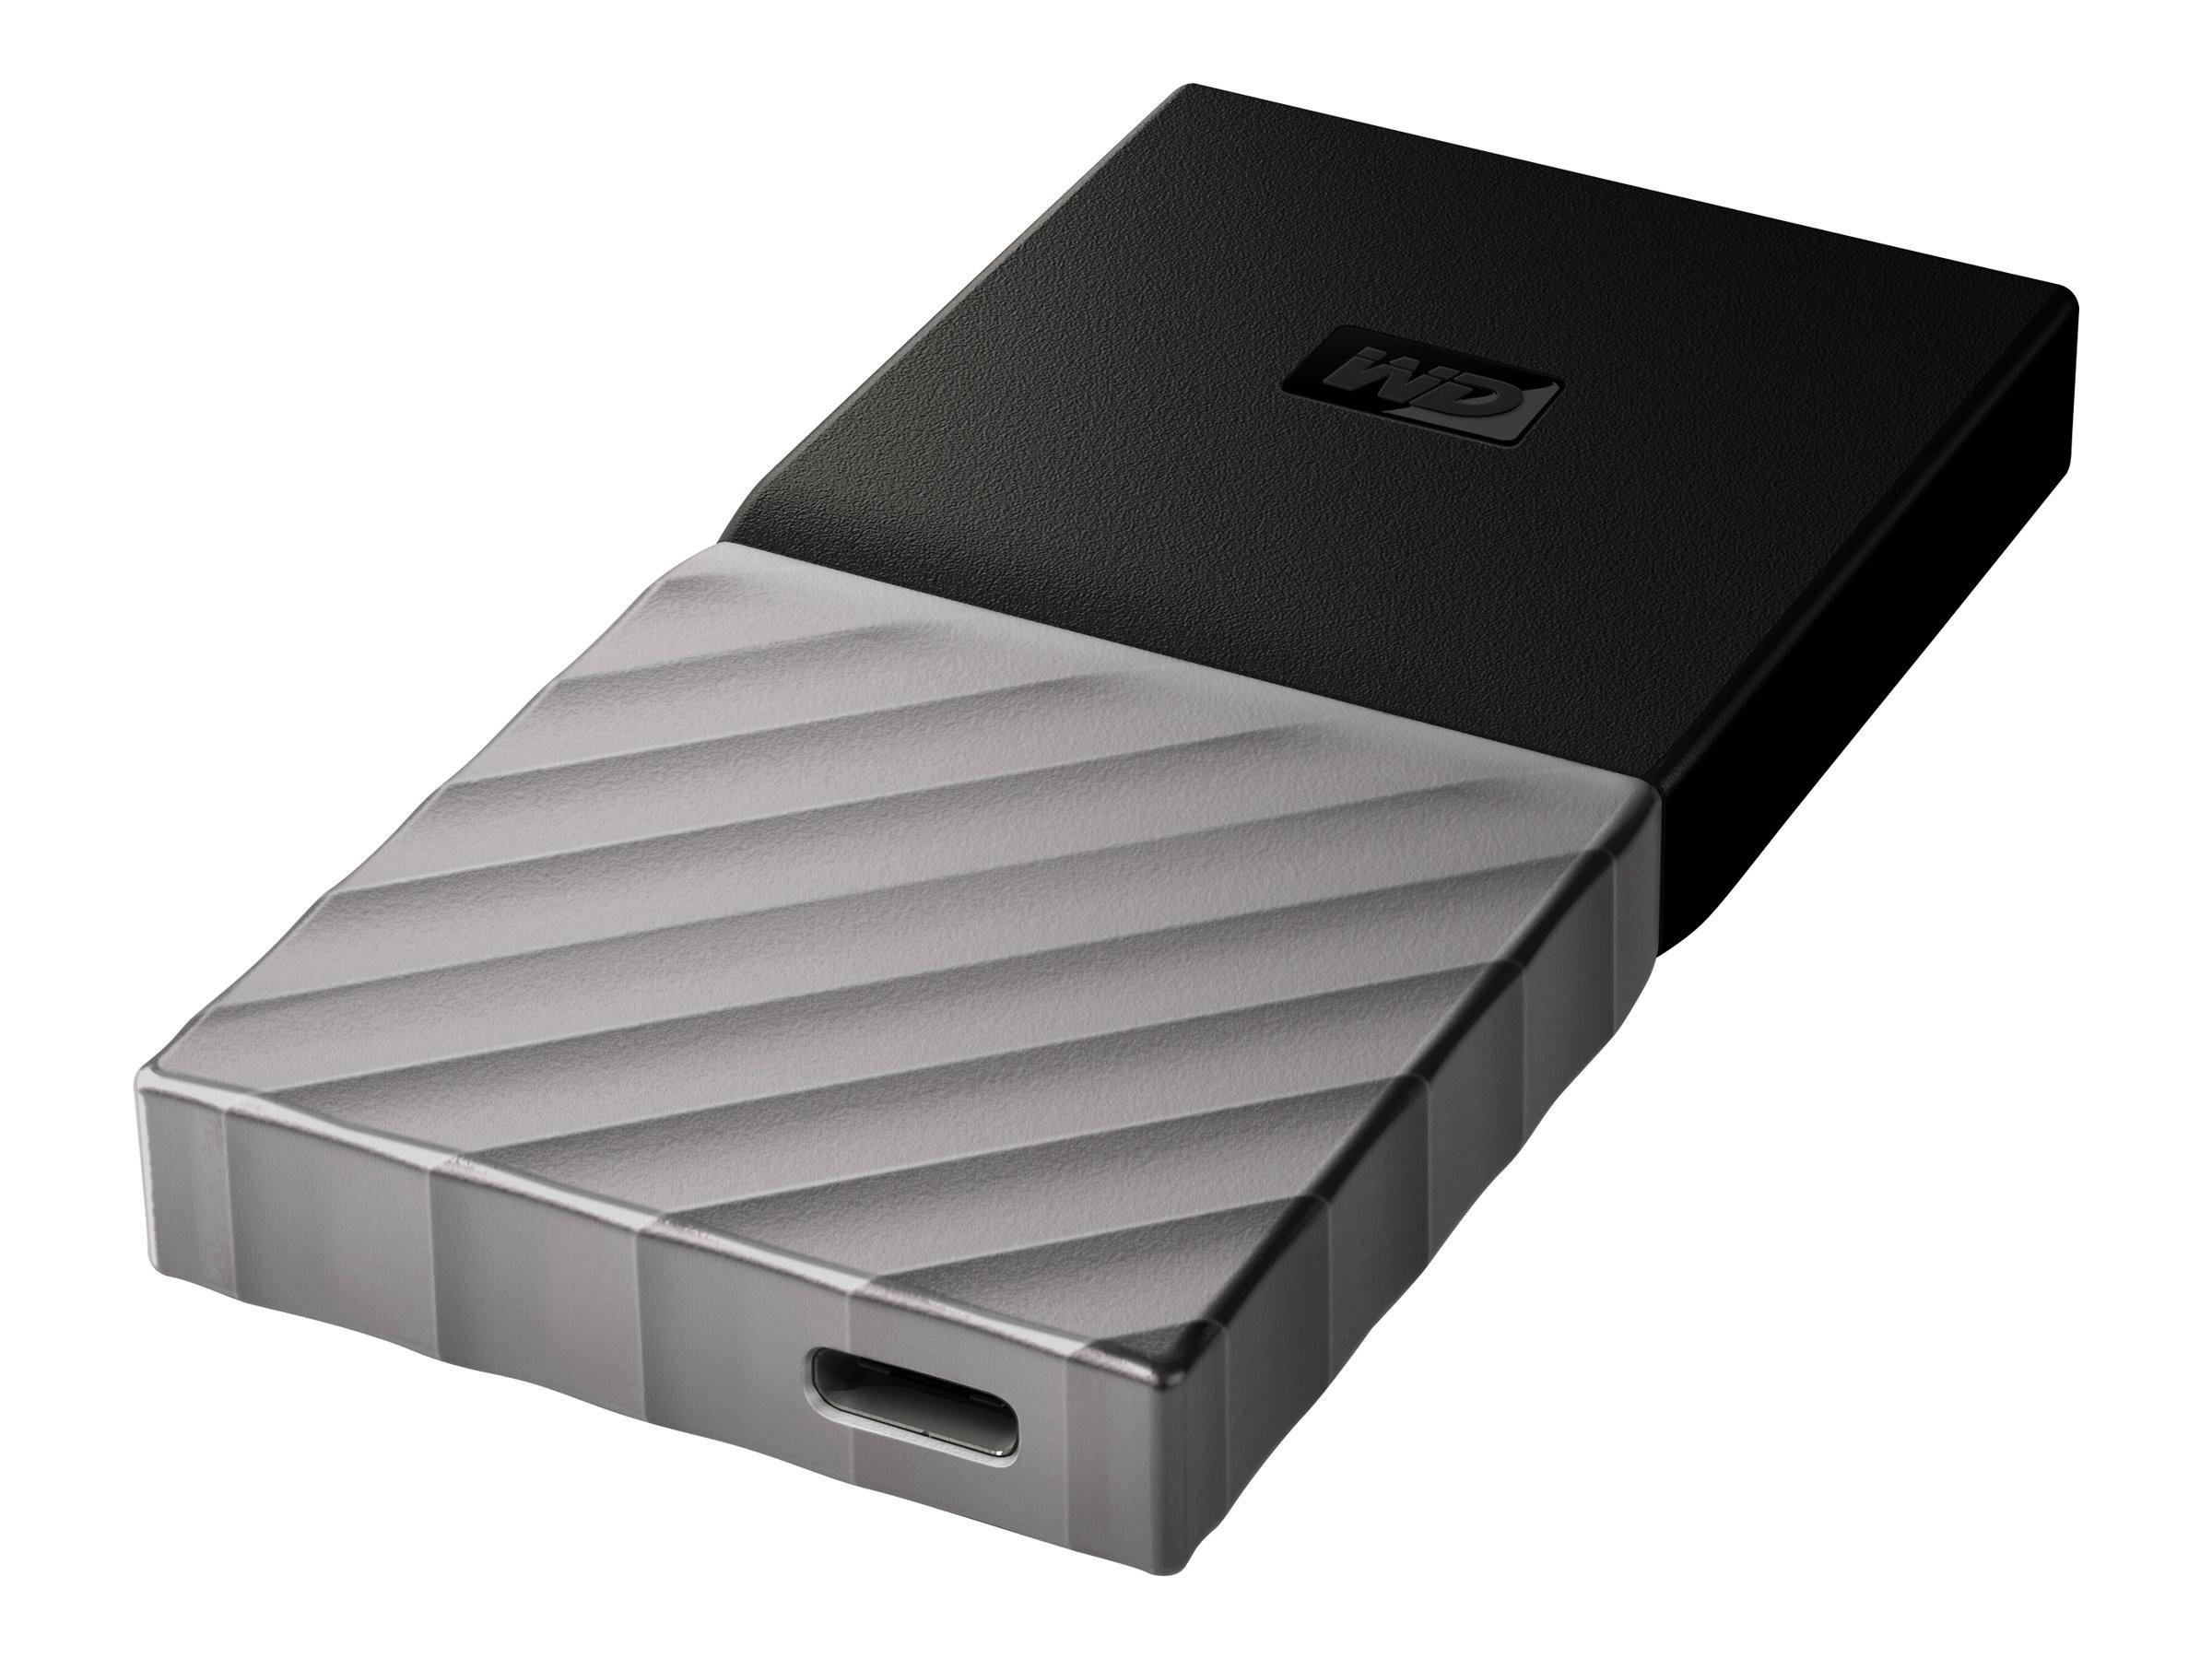 WD My Passport SSD WDBK3E0010PSL - Solid-State-Disk - verschlüsselt - 1 TB - extern (tragbar) - USB 3.1 Gen 2 (USB-C Steckverbin